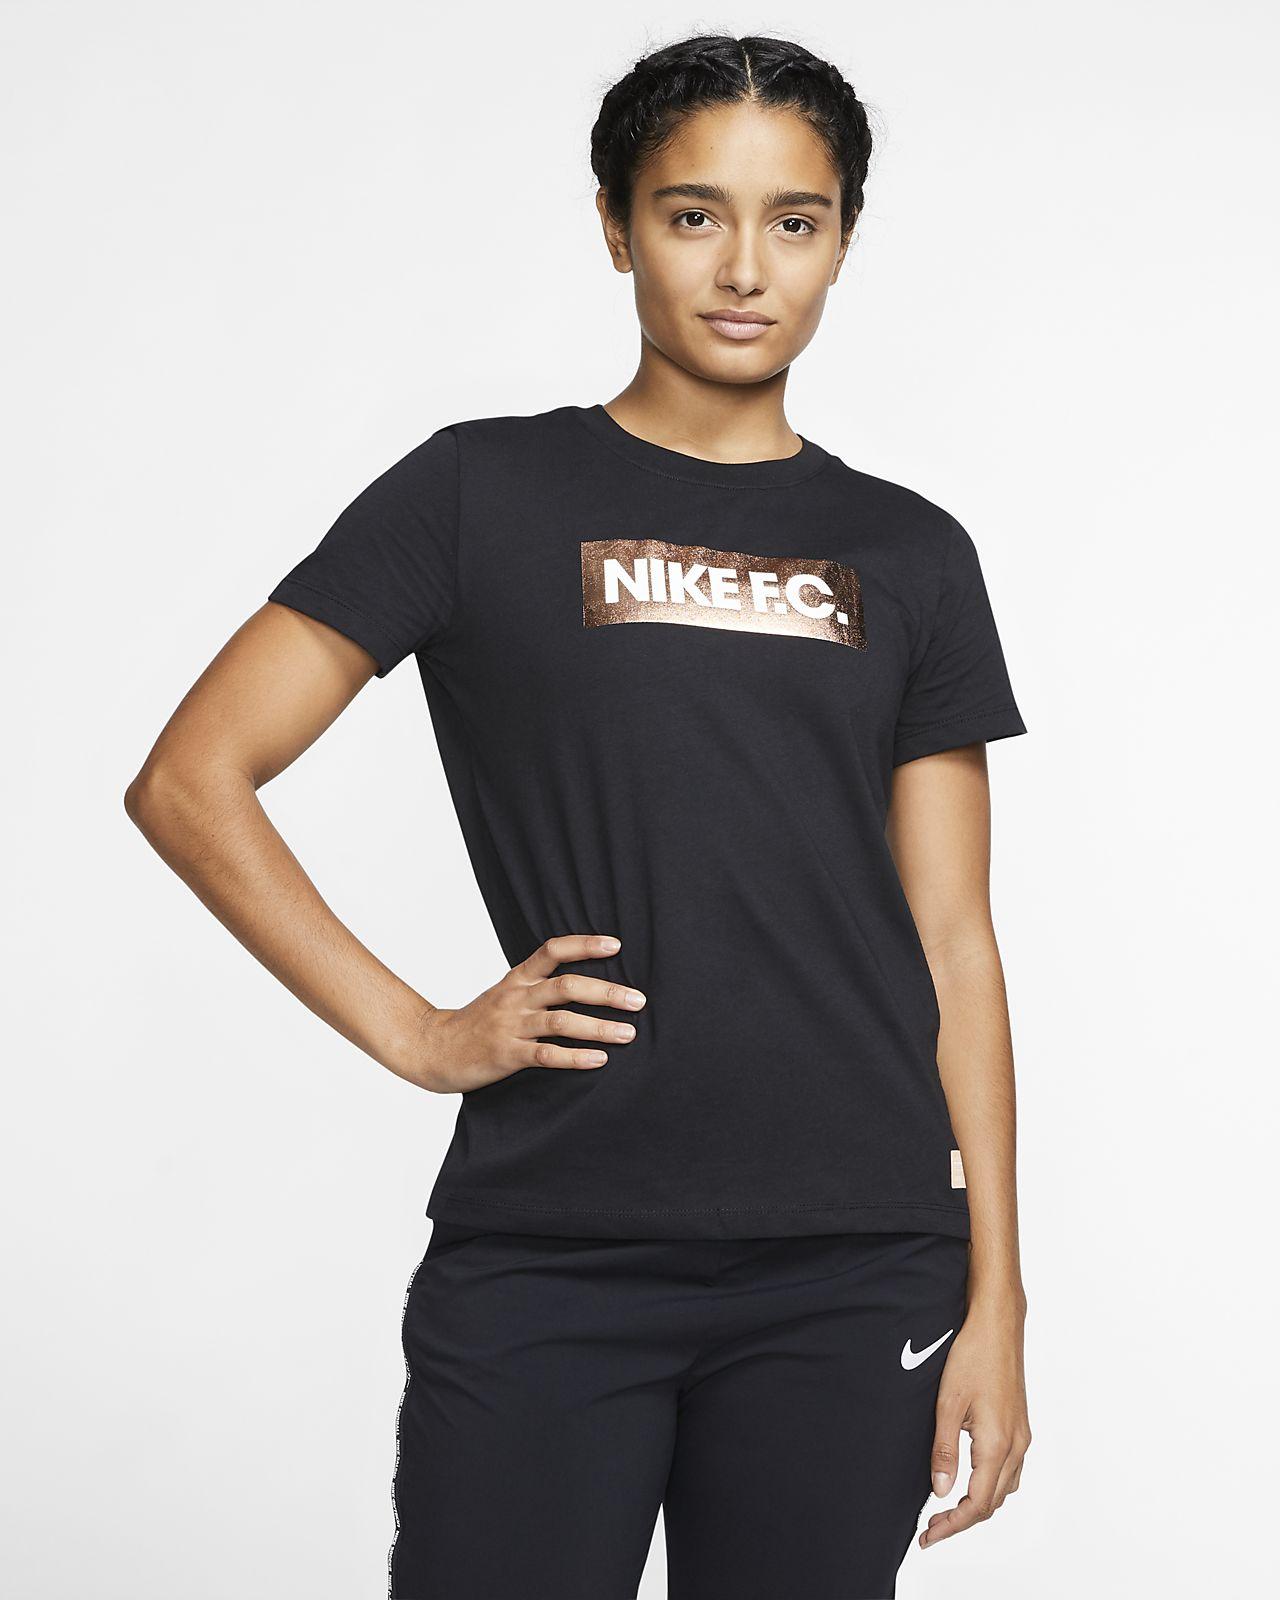 Женская игровая футболка Nike F.C.